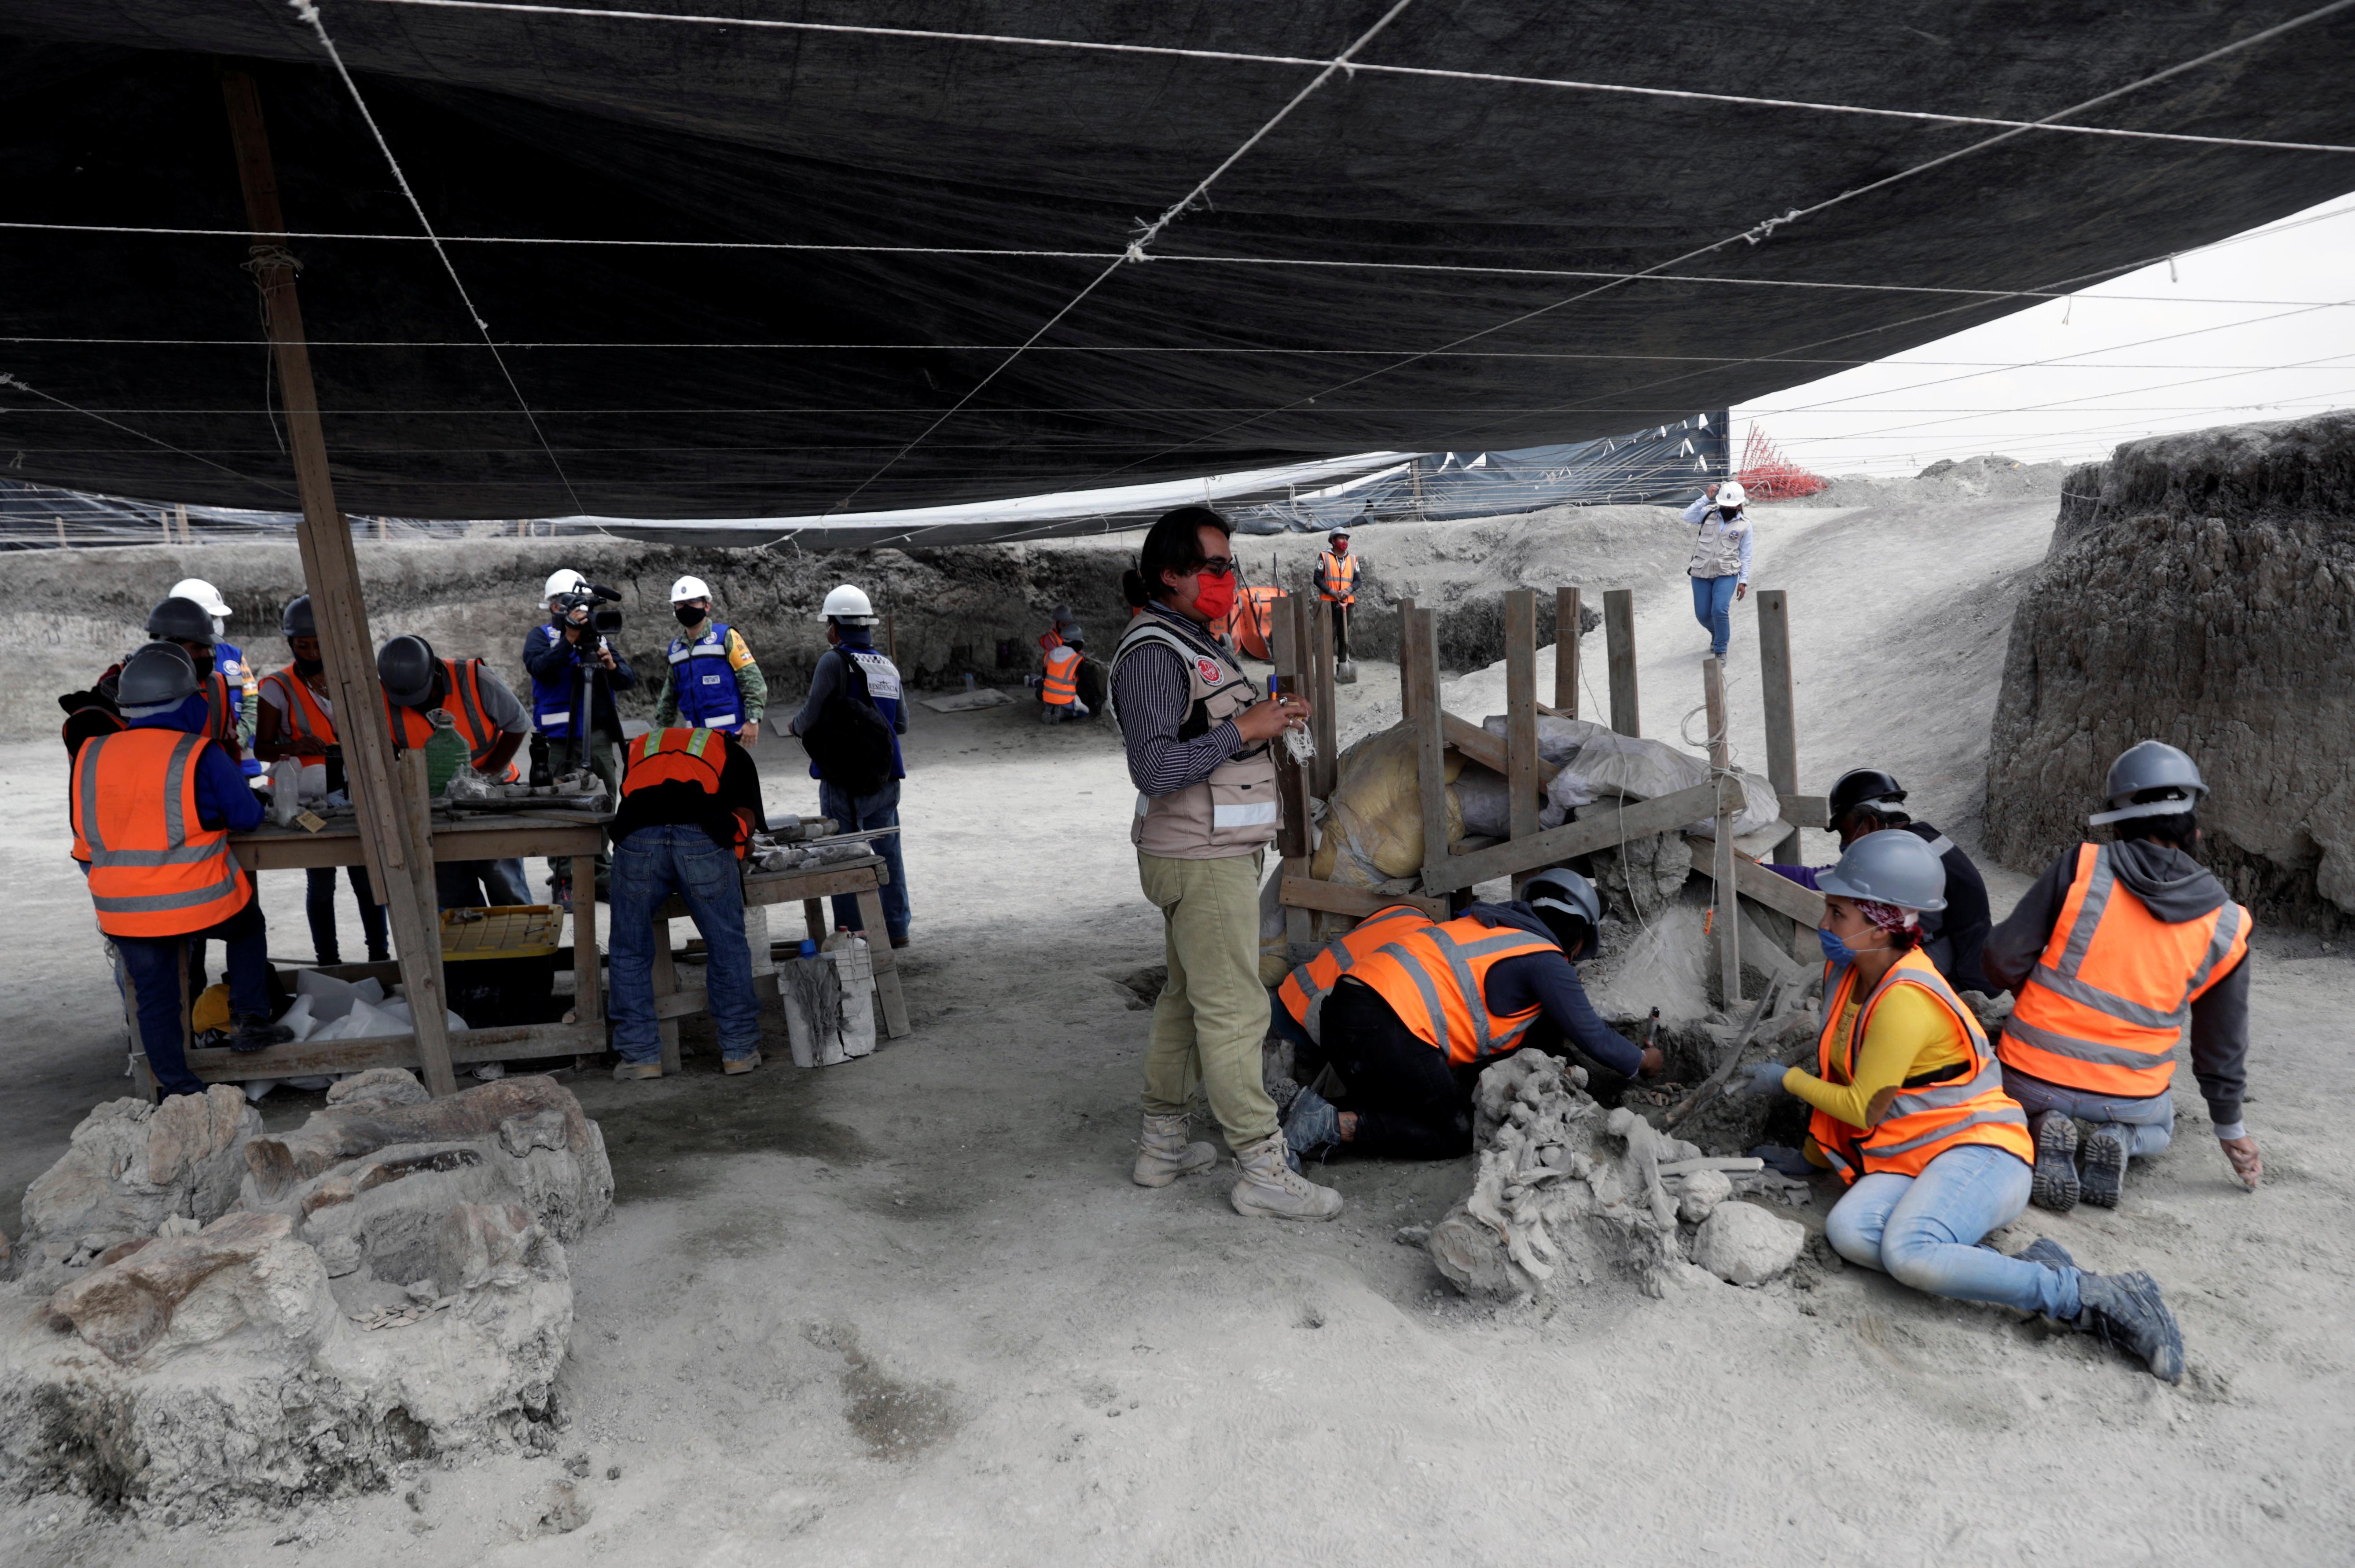 Más de 8.000 huesos han sido hallados en las obras del futuro aeropuerto mexicano